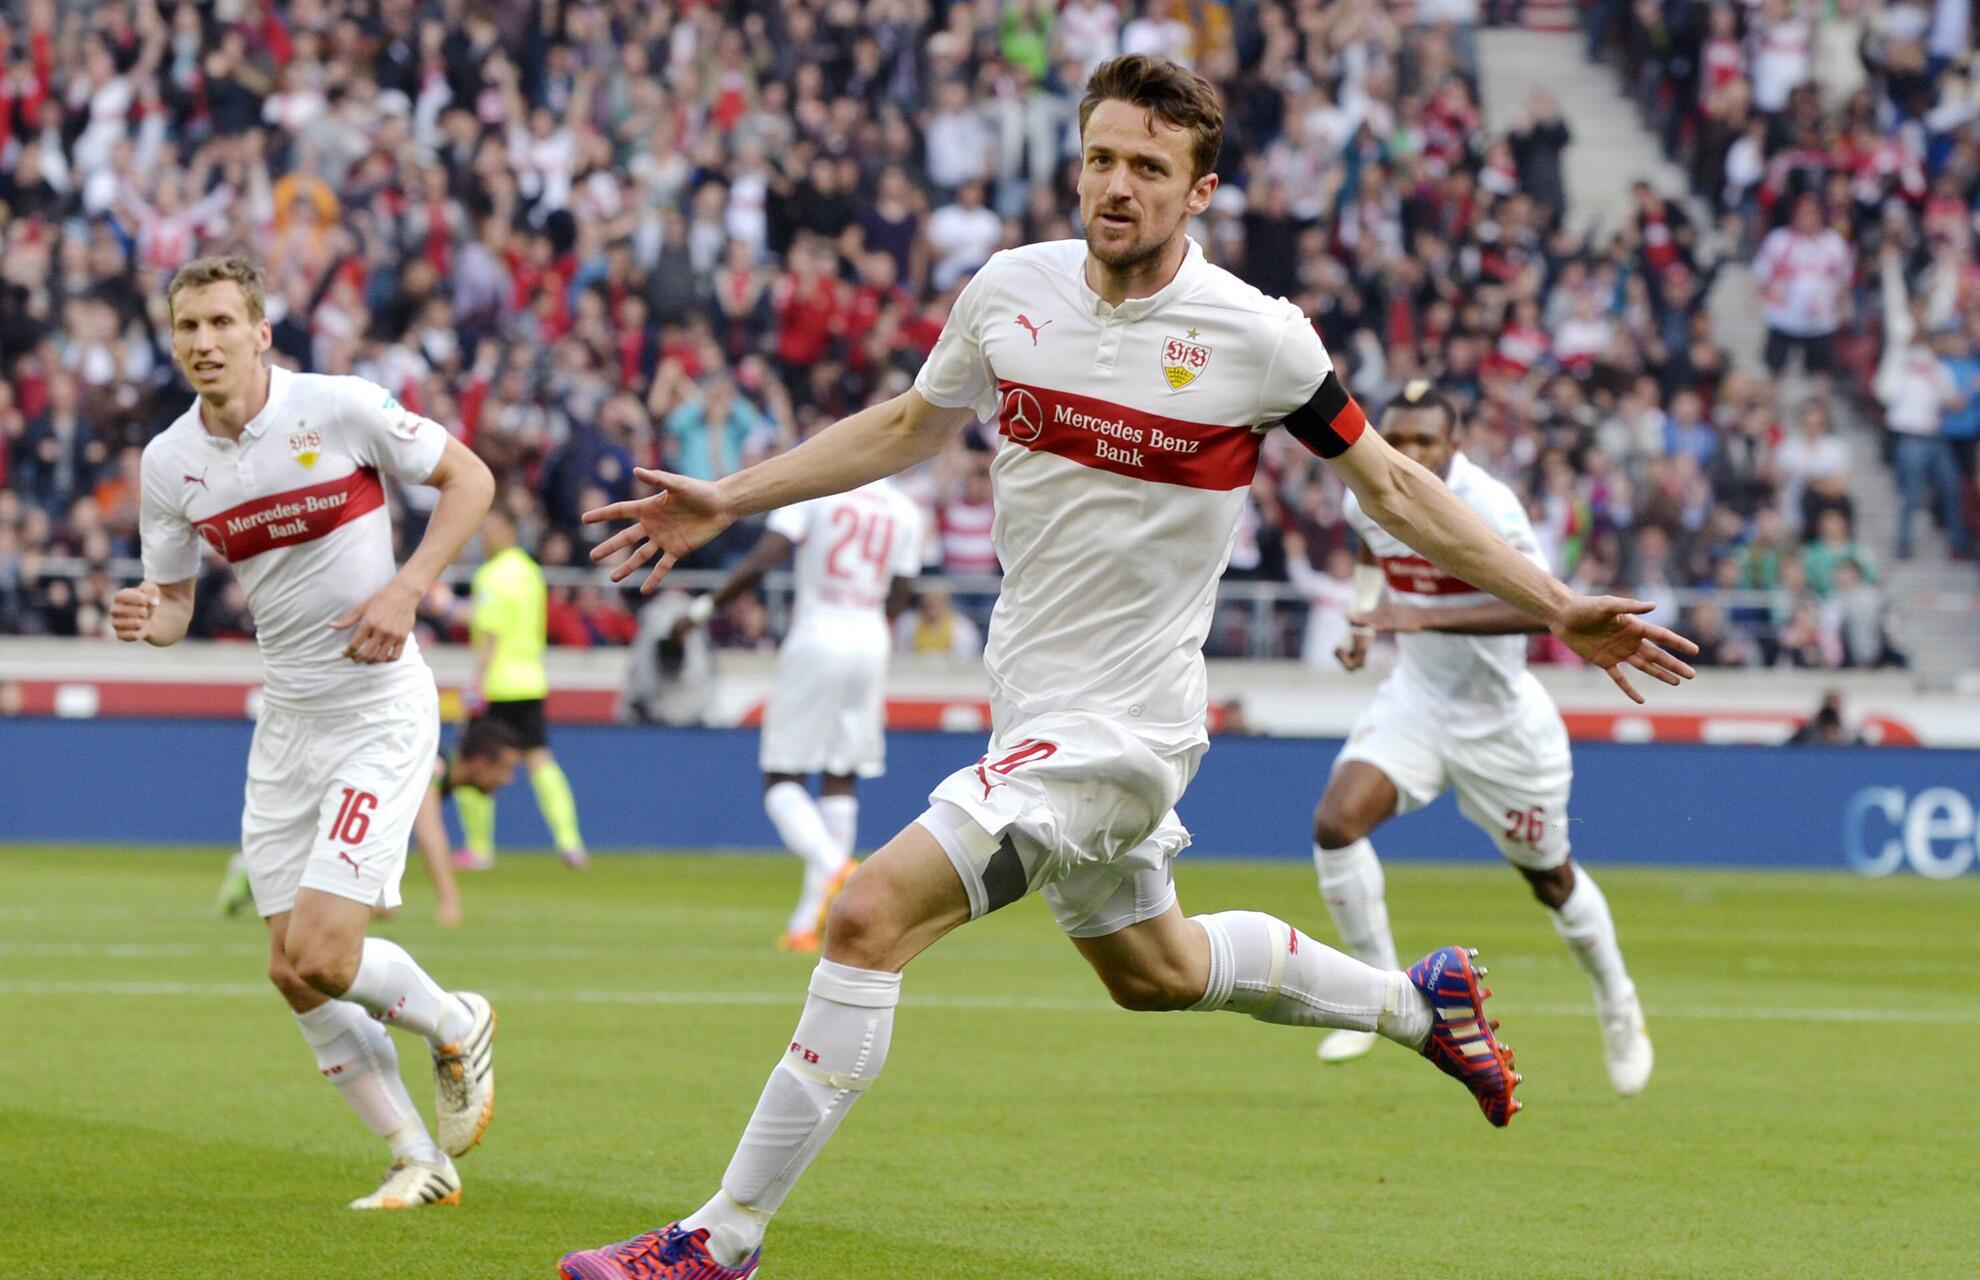 Bild zu Bundesliga: LIVE-Ergebnisse und die Tabelle des 28. Spieltags.